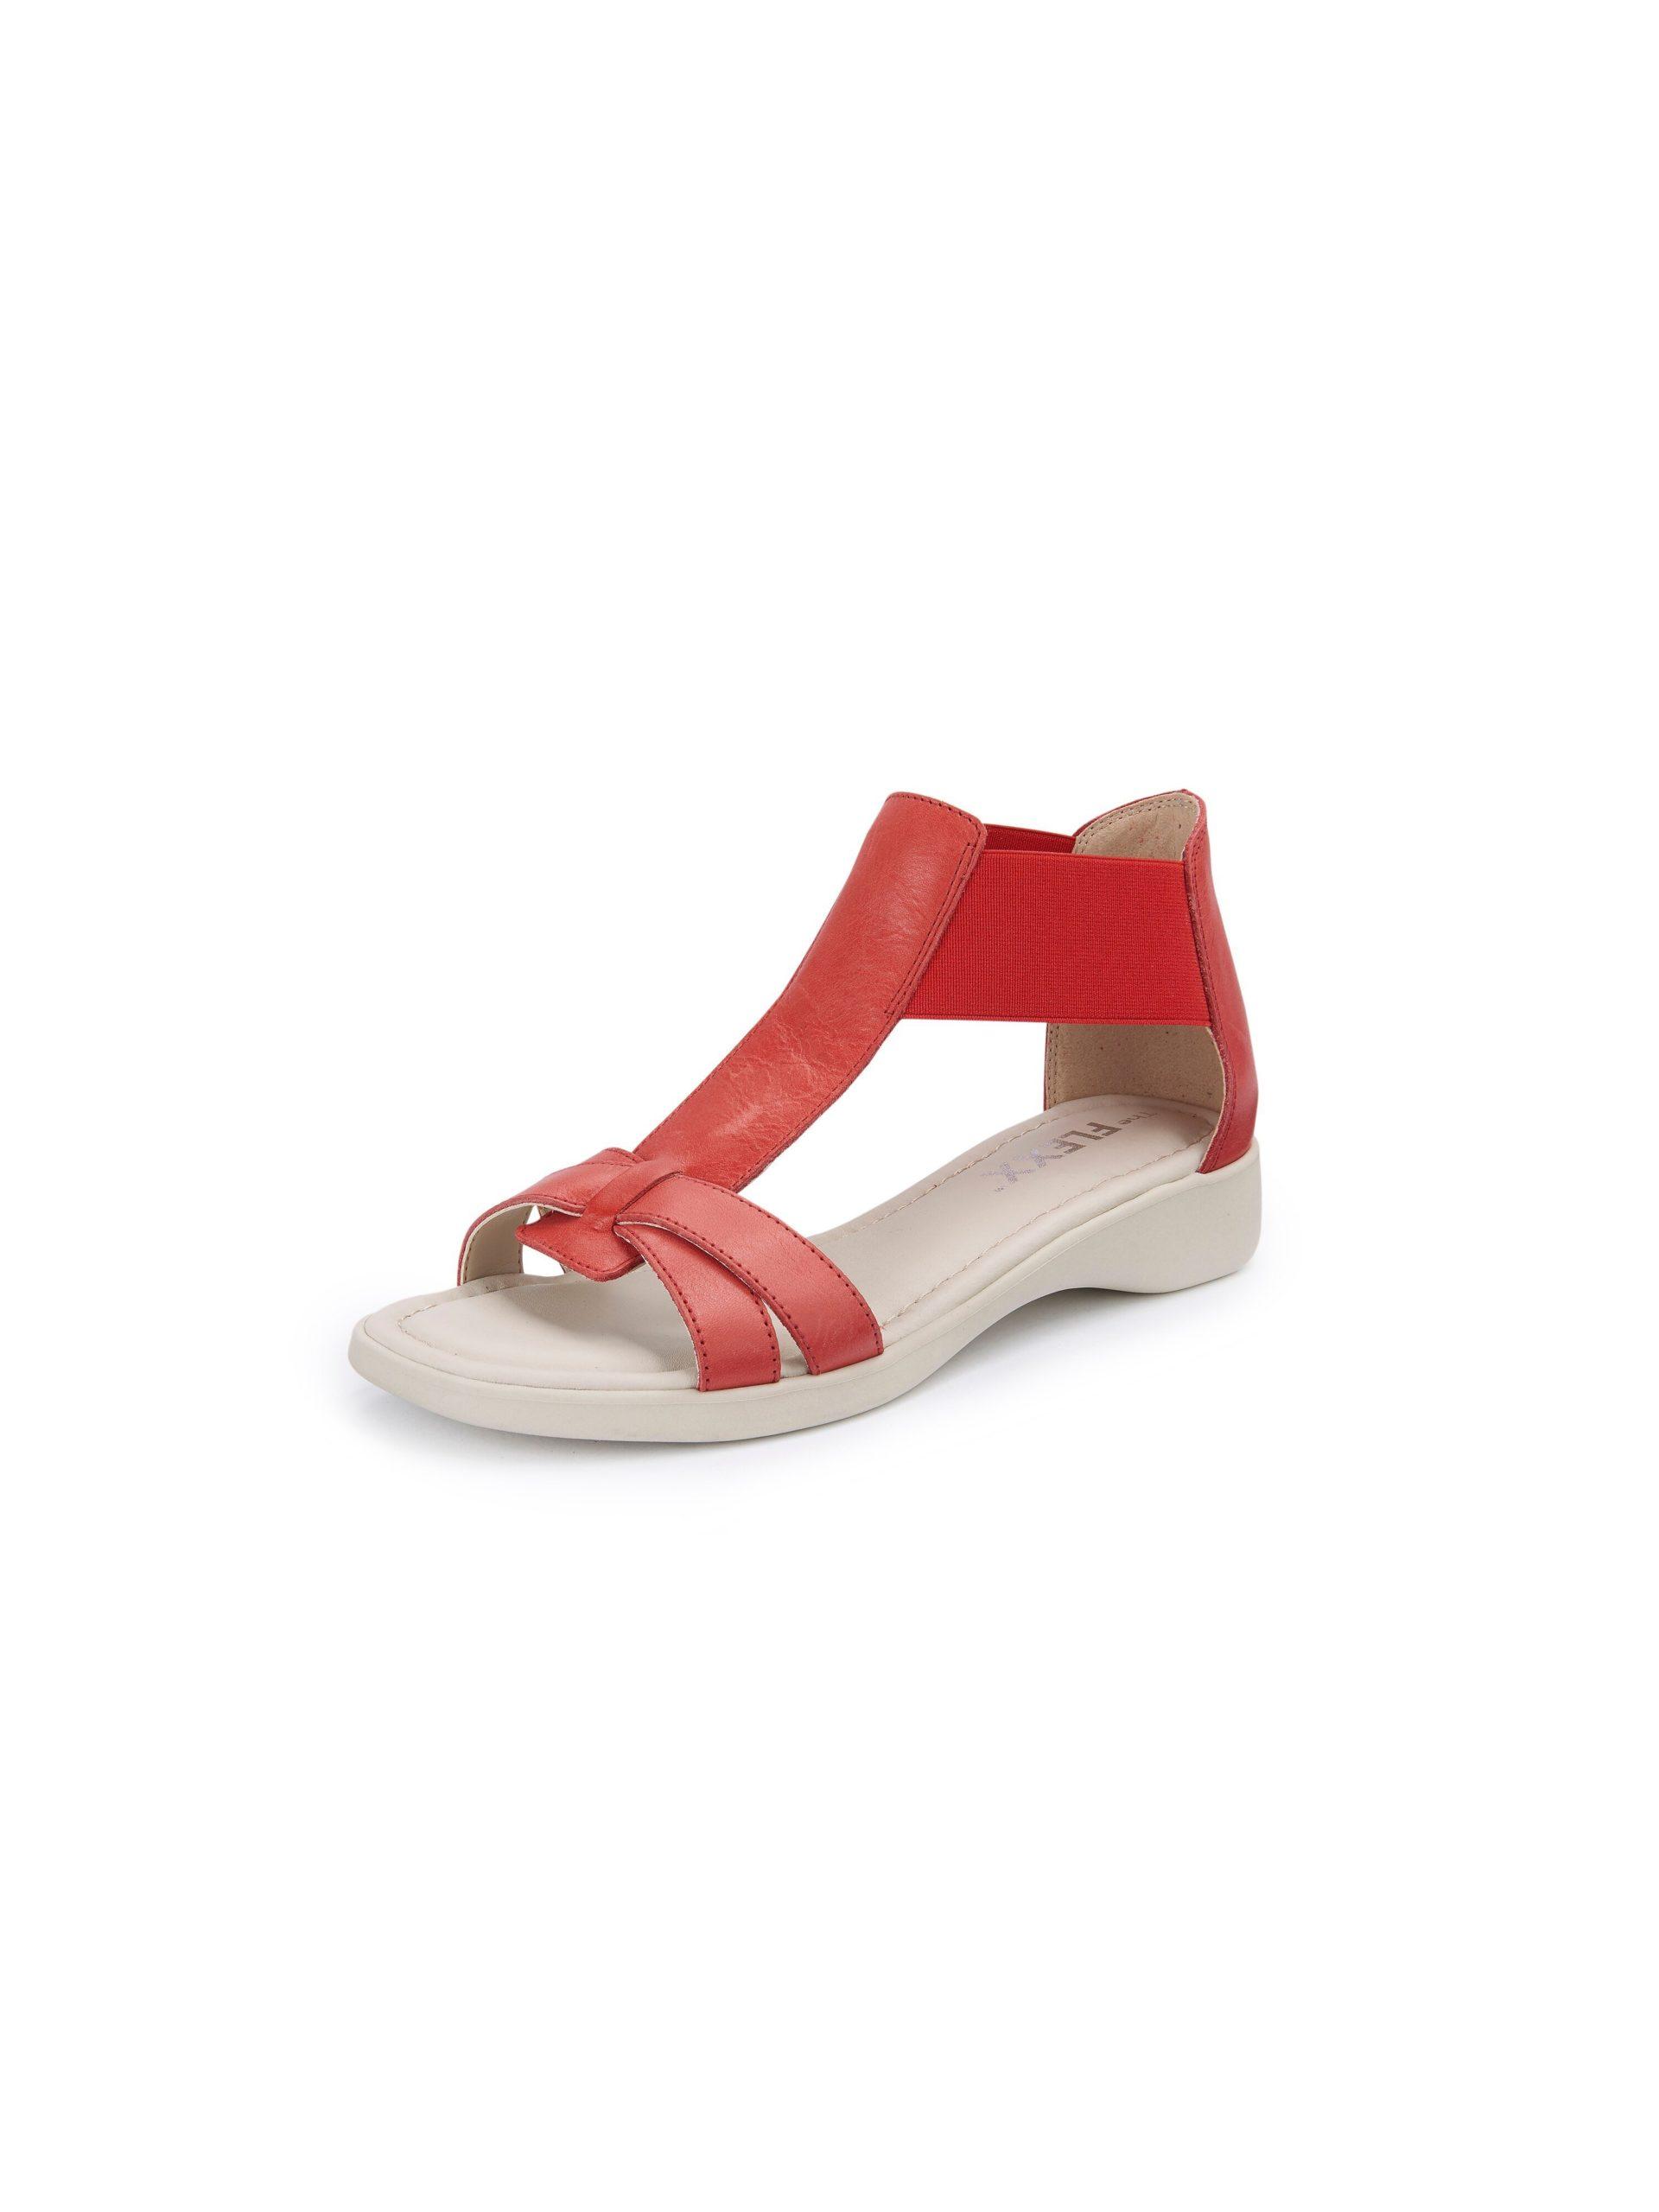 Sandalen Van The Flexx rood Kopen